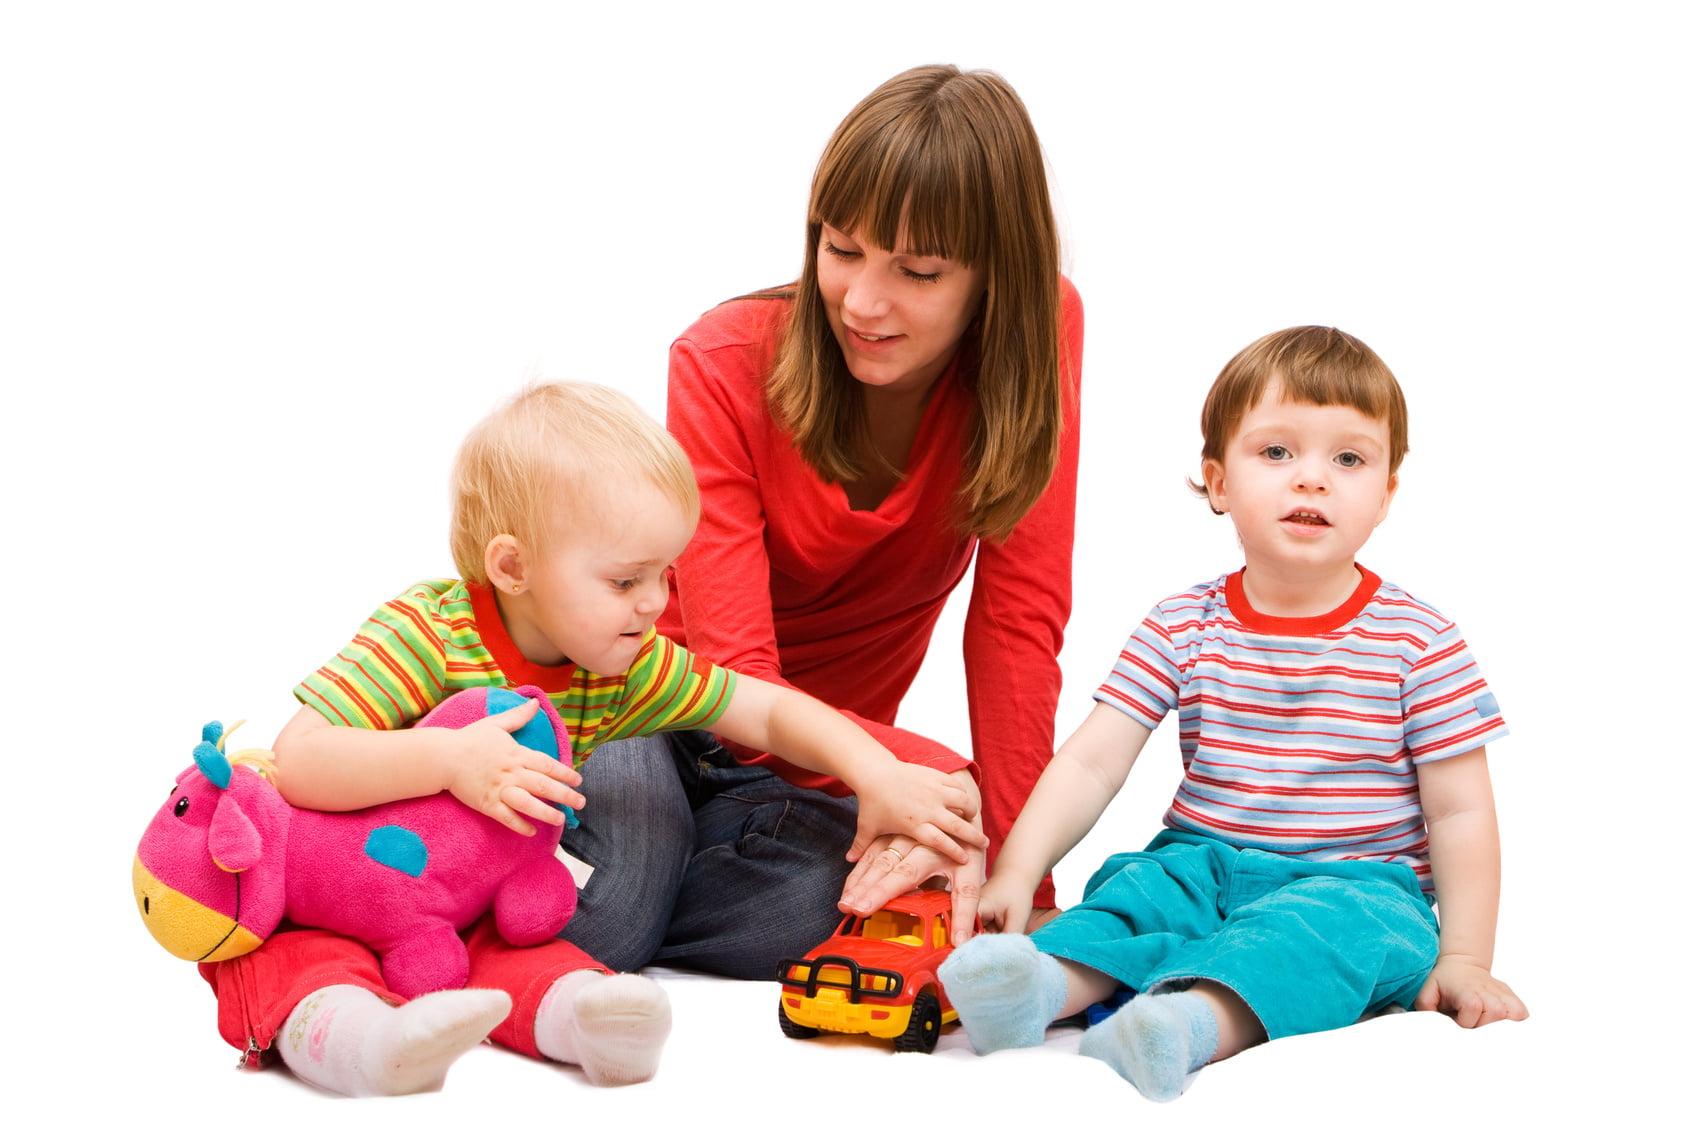 Mηνιαίο επίδομα 44 ευρώ για παιδιά εως 16 ετών με χαμηλό οικογενειακό εισόδημα